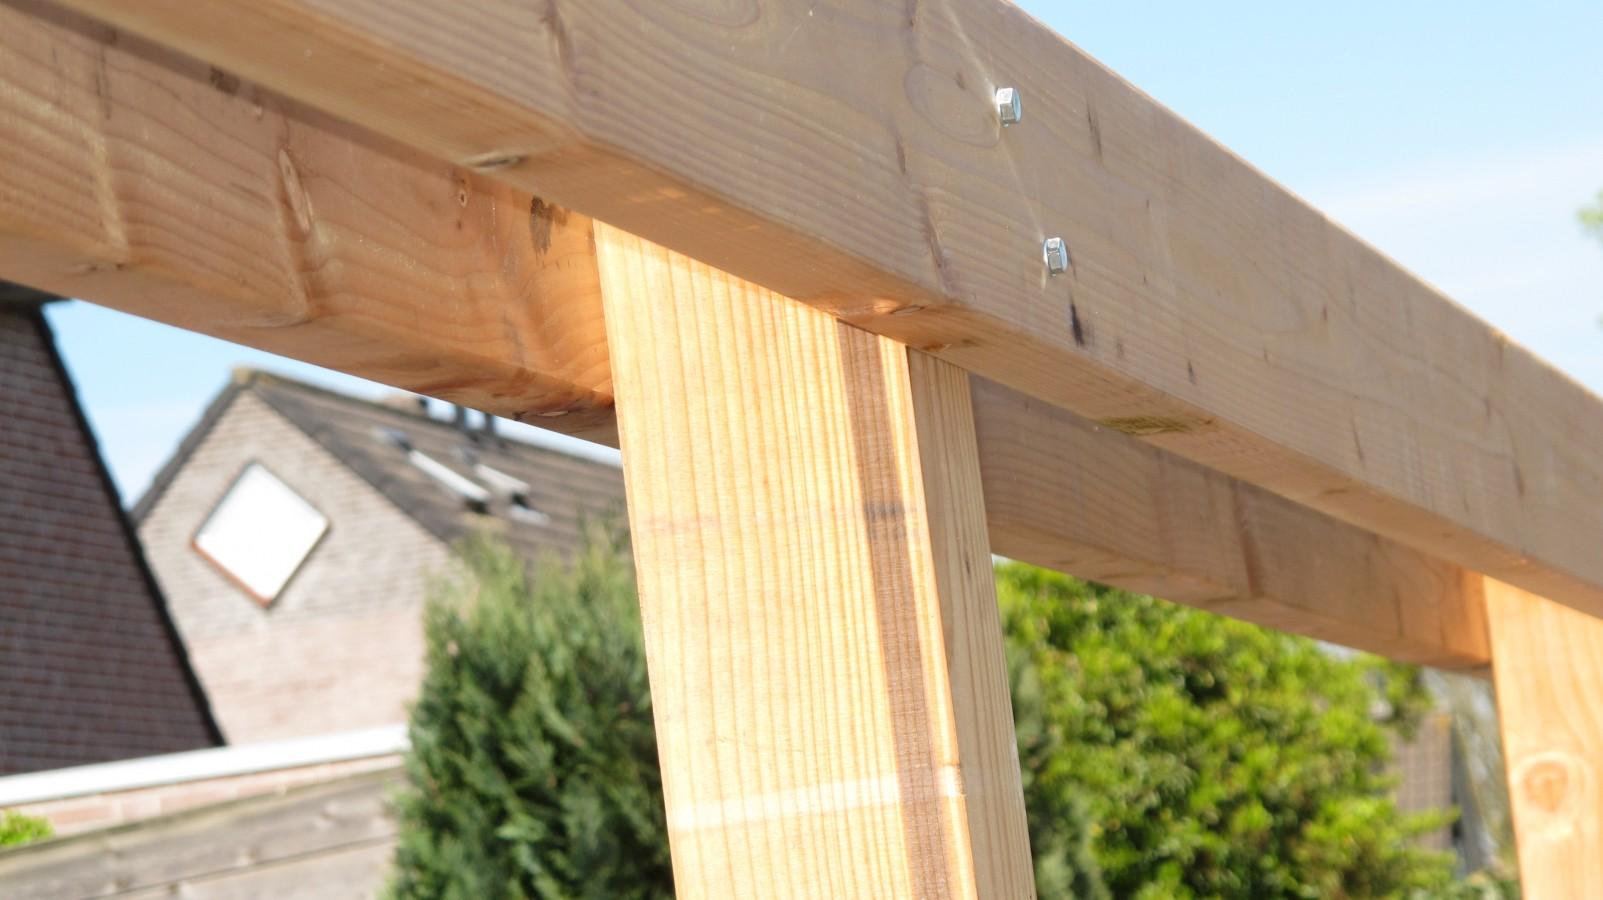 Om wat hoogte in de tuinen aan te brengen is een robuuste pergola van douglas hout aangebracht - Pergola hout bedekt ...